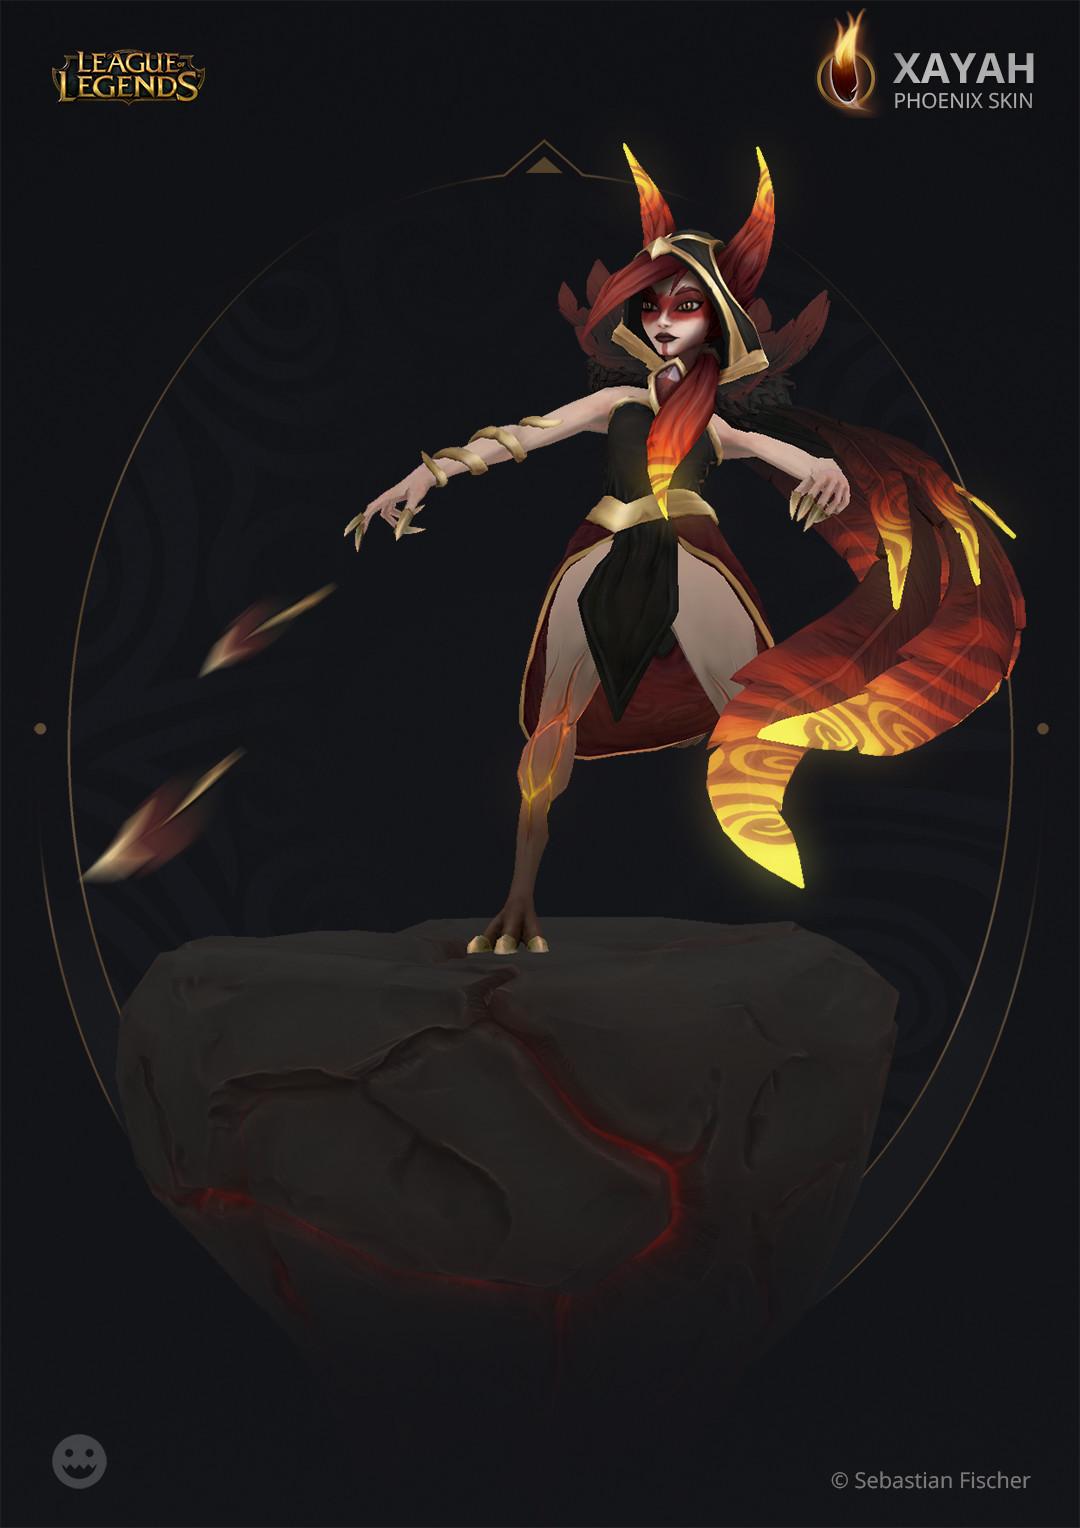 League Of Legends Skin Viewer : league, legends, viewer, Obosit, Hotelul, Champion, Viewer, Raiceshandcrafts.com